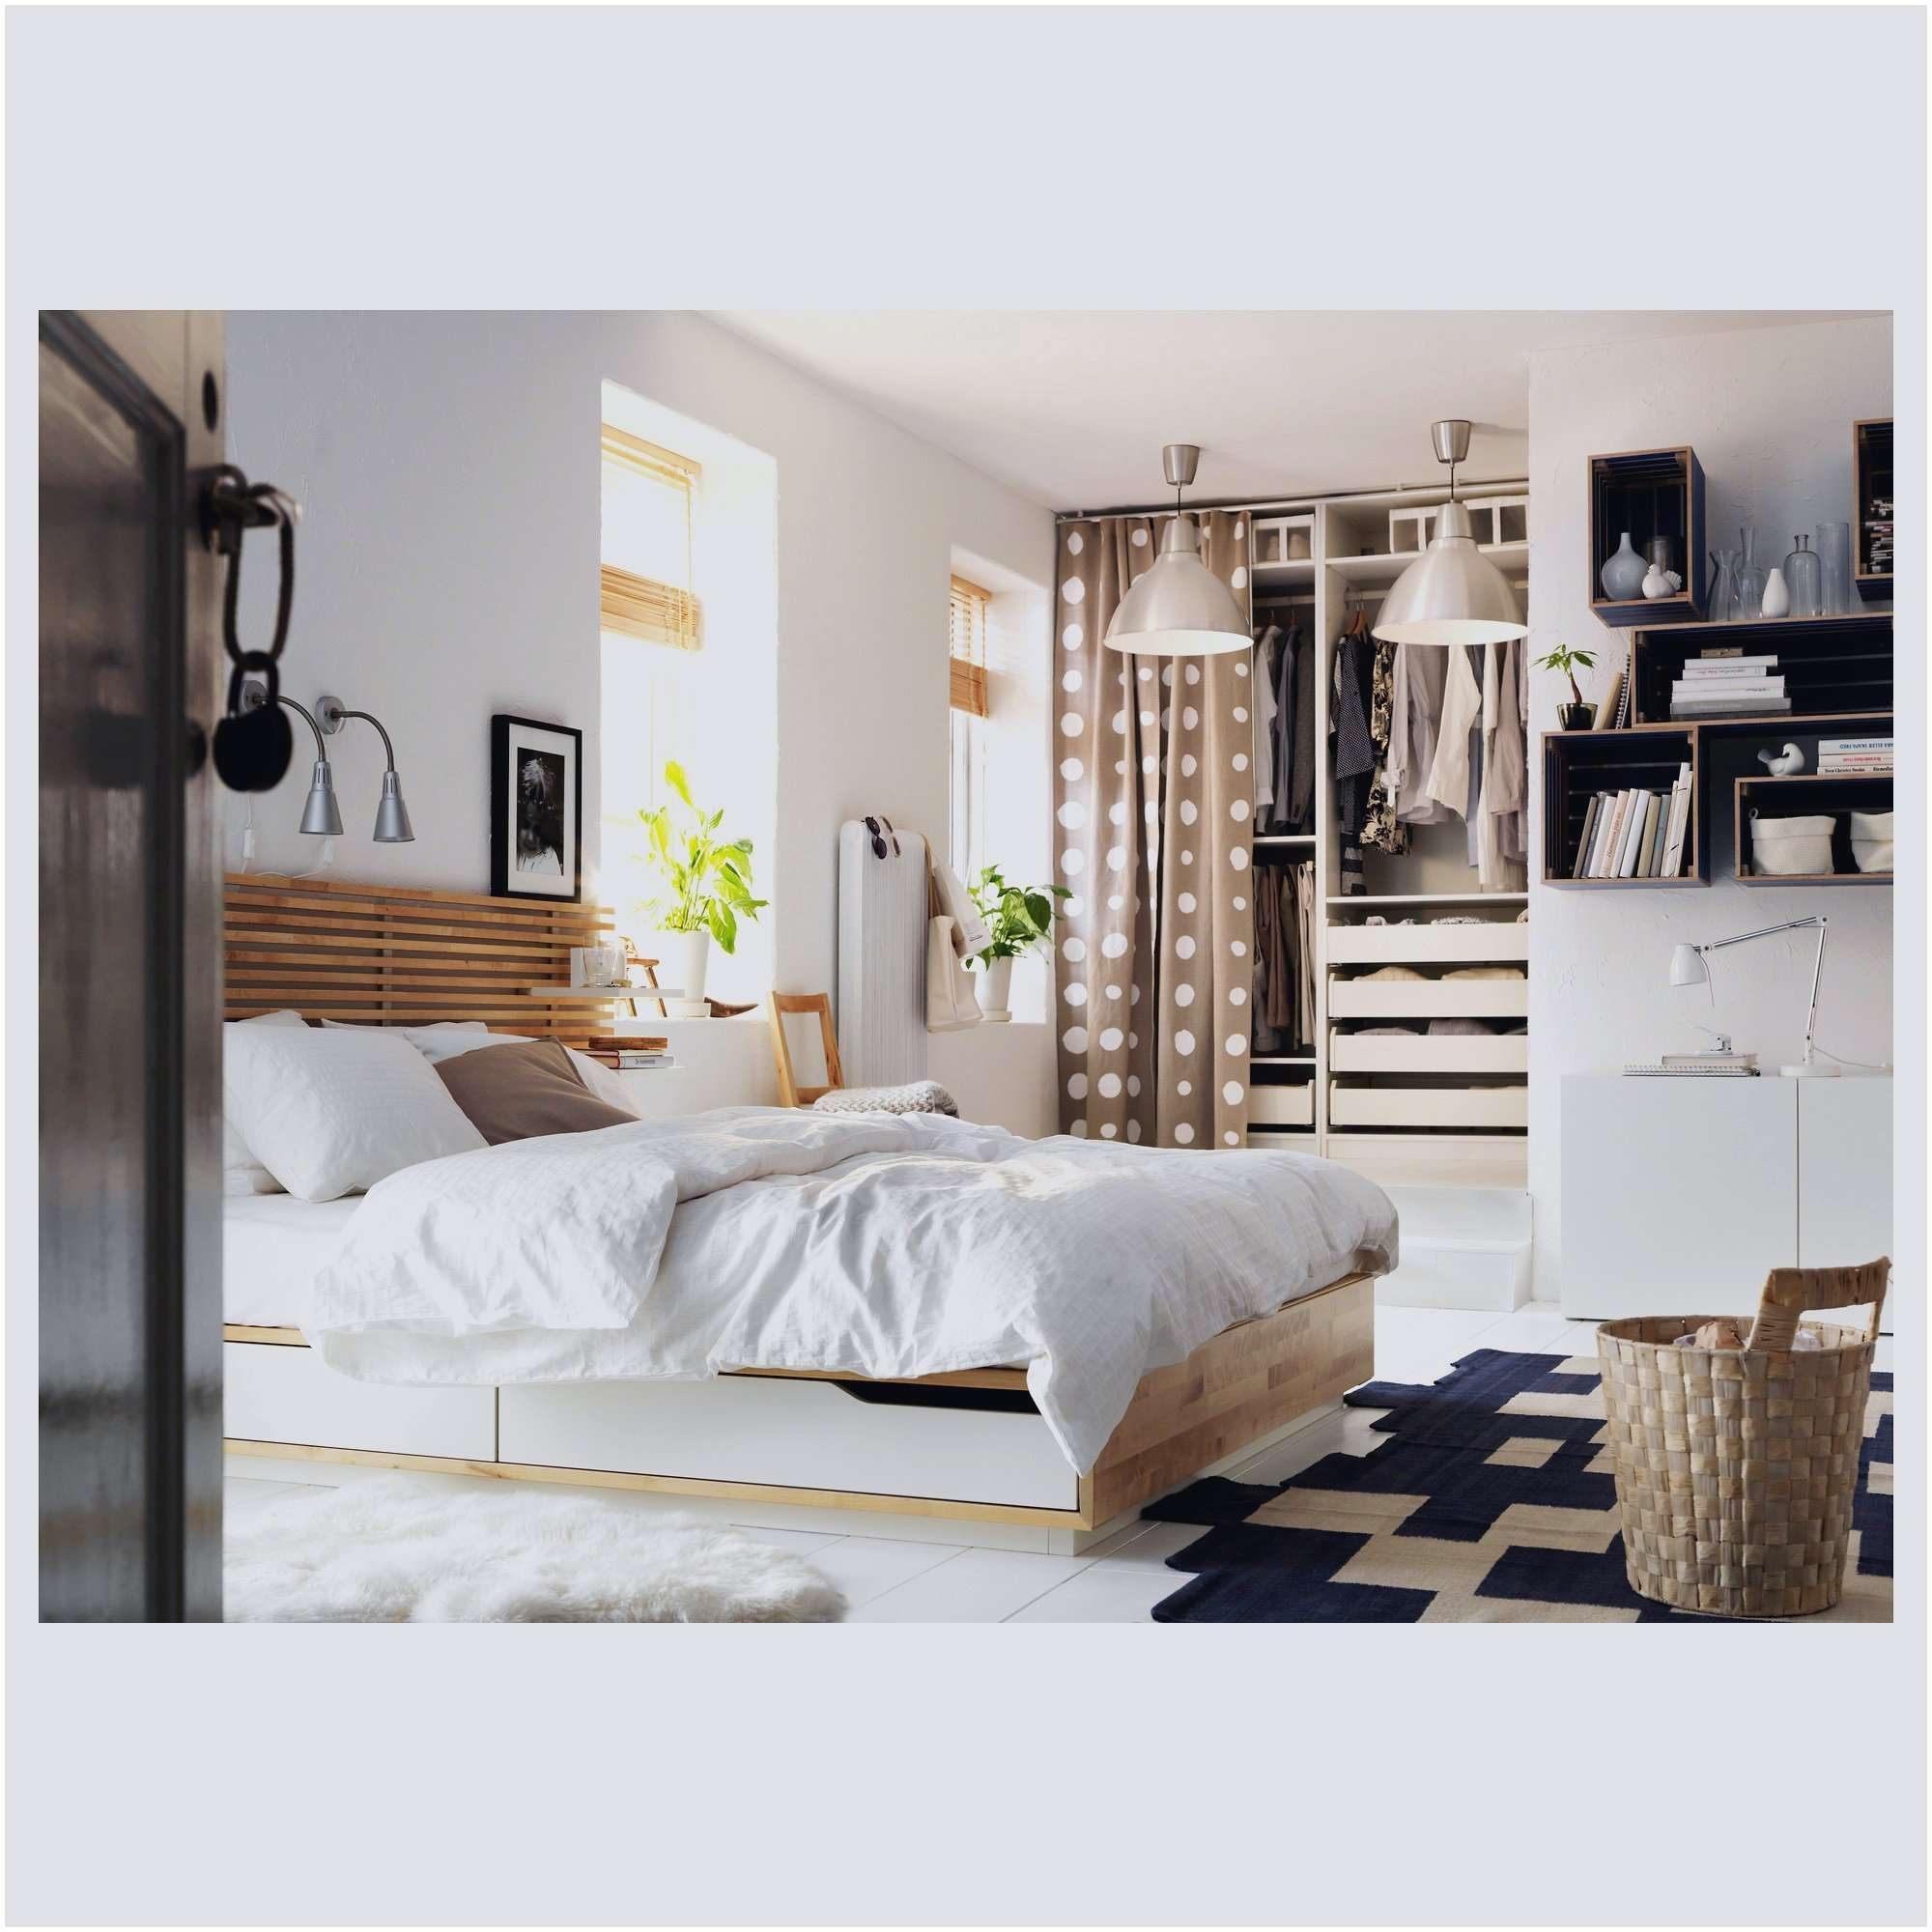 Lit Avec Rangement Ikea Nouveau Inspiré Ikea Tete De Lit Avec Rangement Pour Choix Tete De Lit En